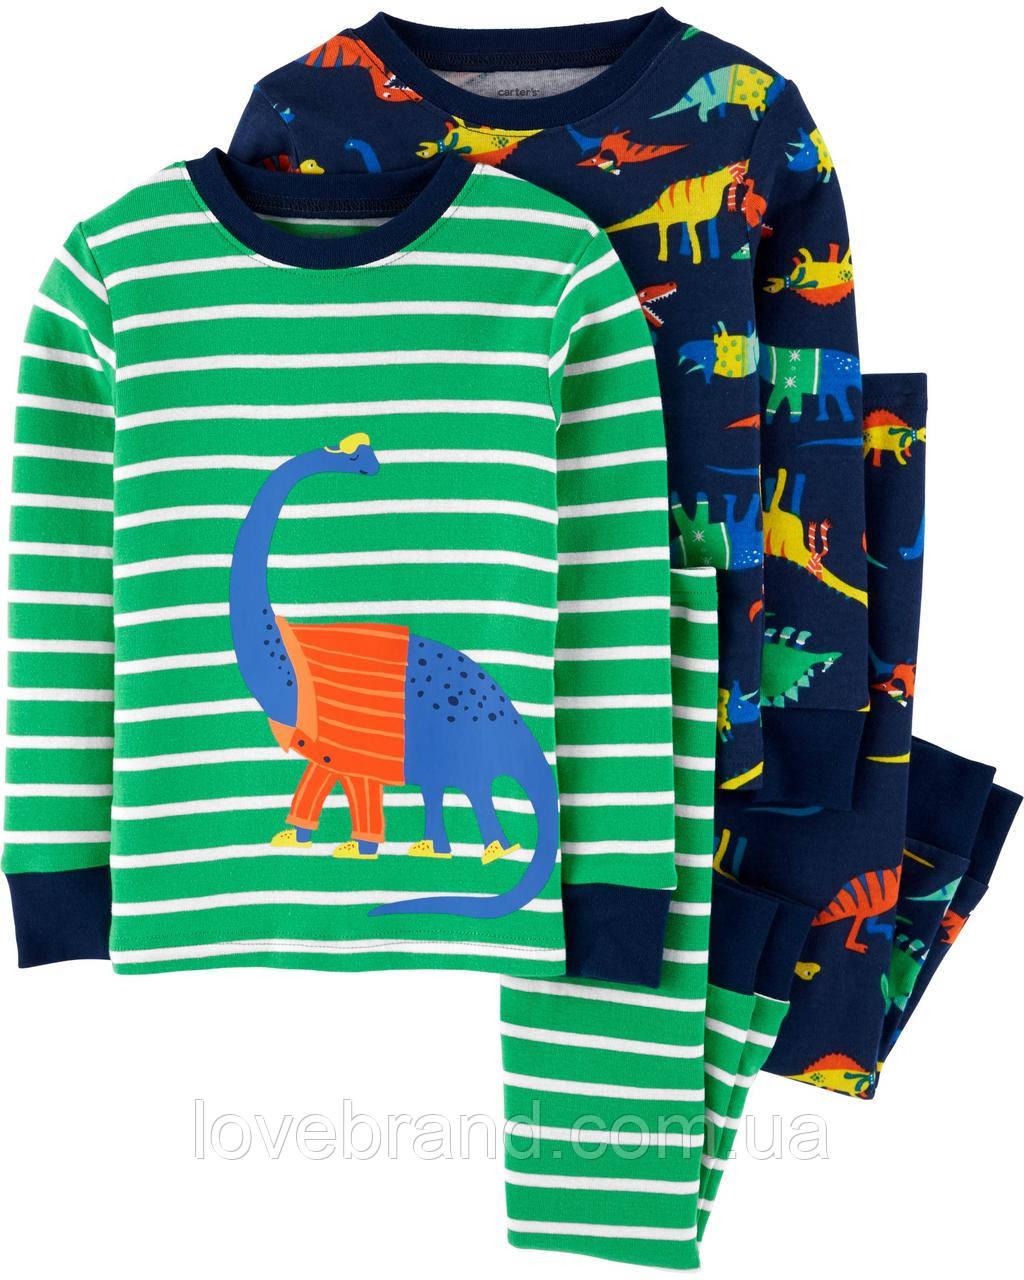 """Пижамы для мальчика Carter's """"Динозавры"""", детская пижама картерс 2Т/86-93 см"""